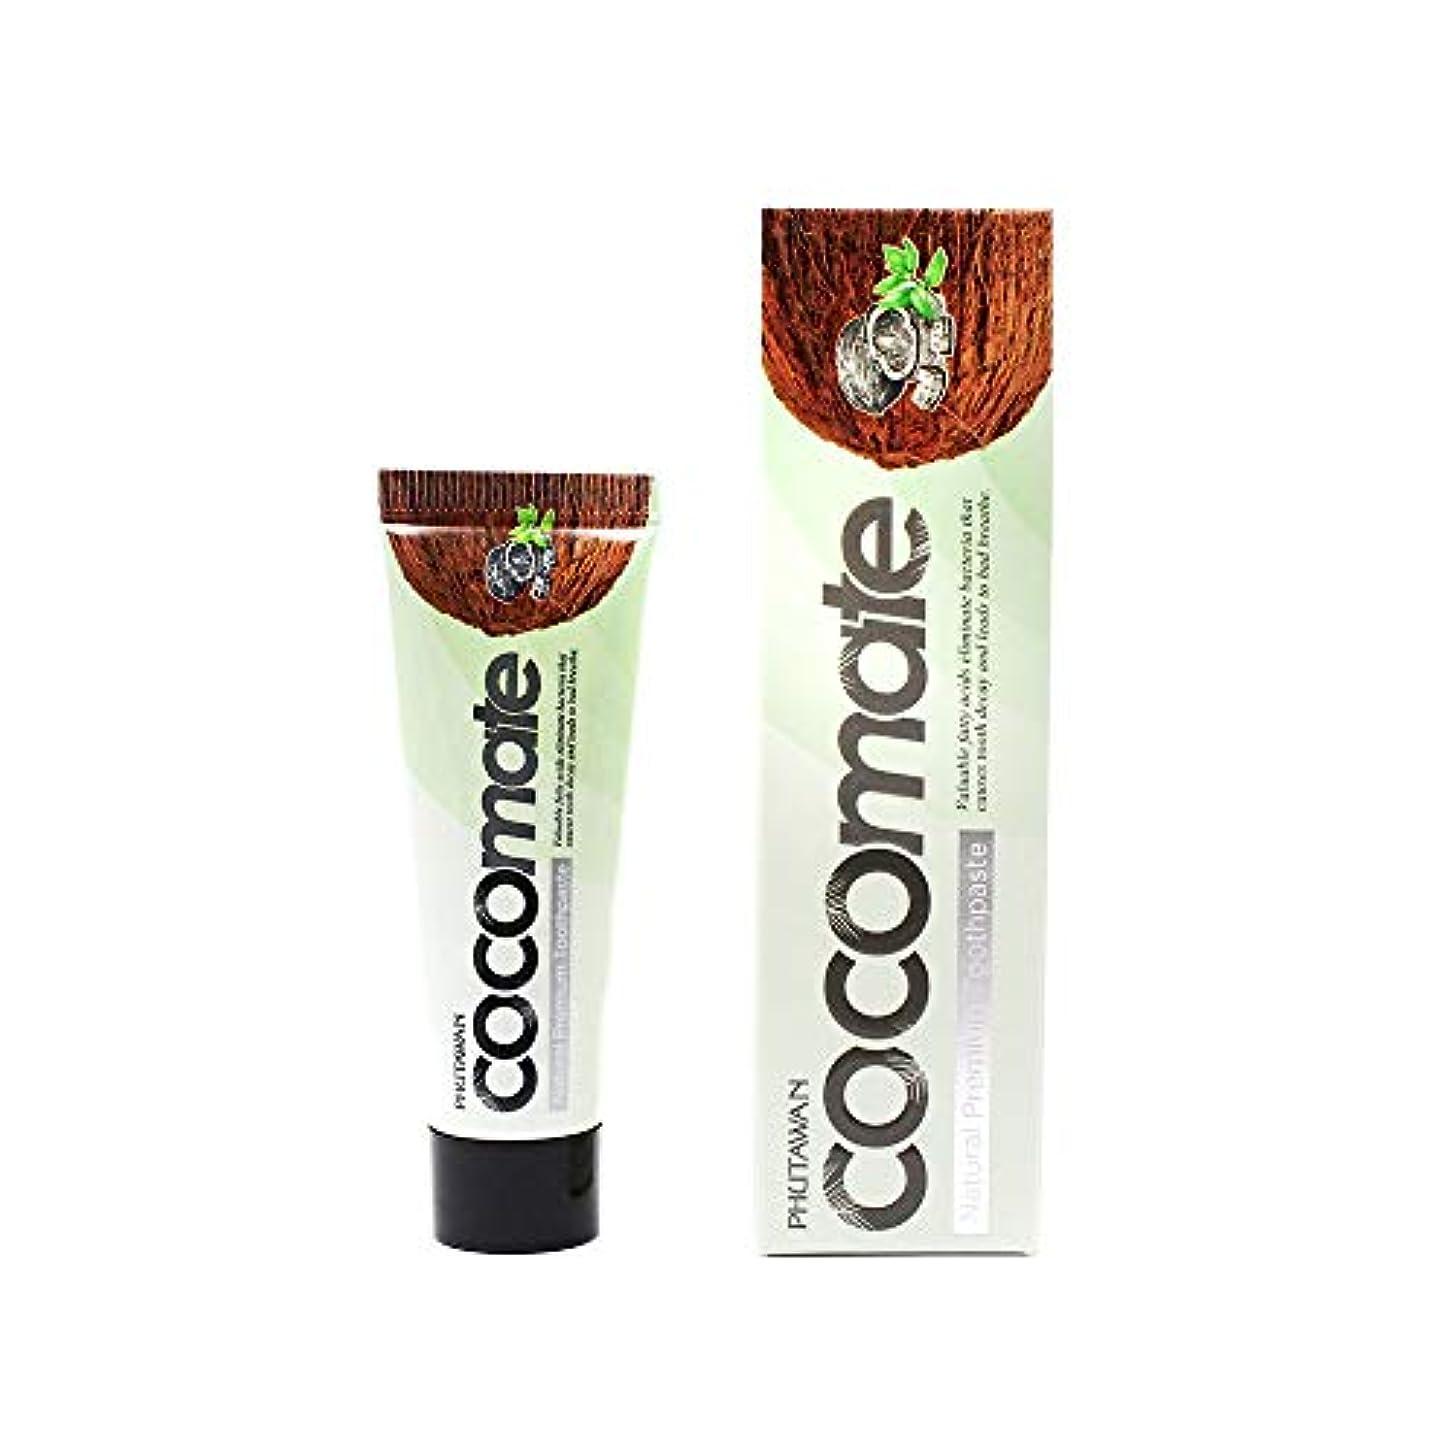 入り口ギター酸化物歯磨き粉 Cocomate Natural Premium Toothpaste